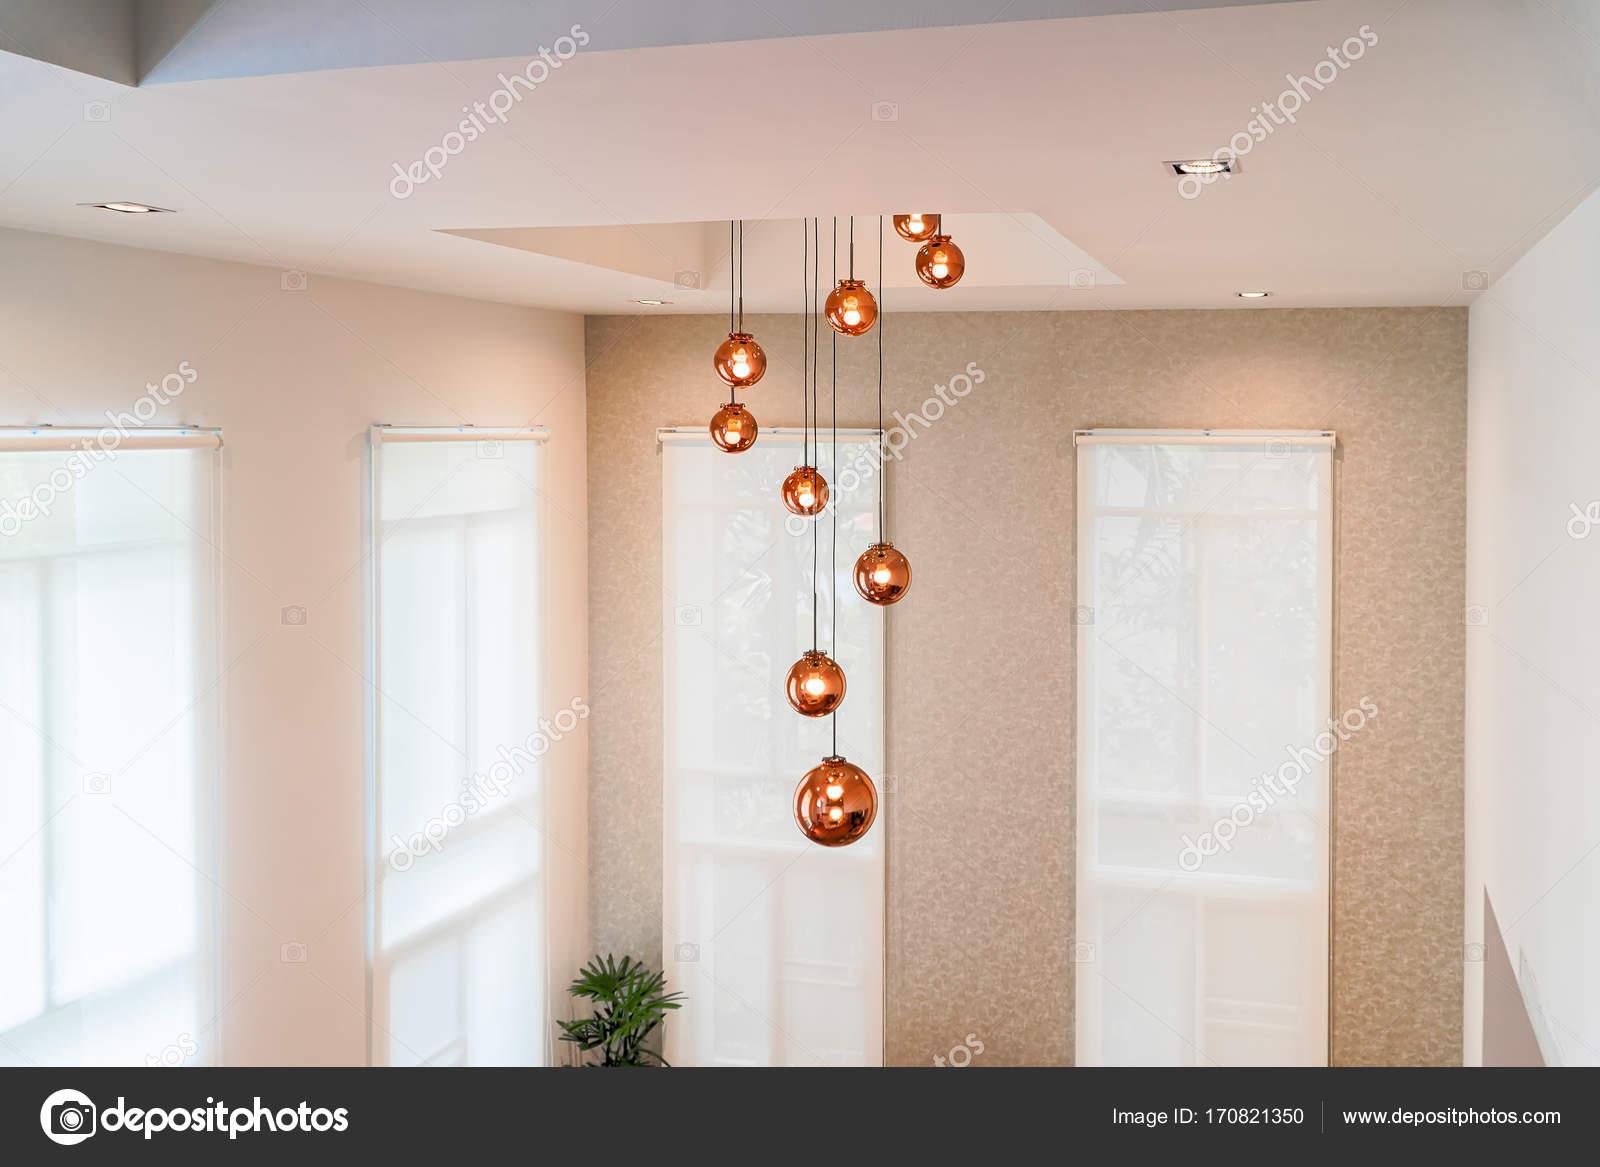 Beleuchtung Kugel Die Von Der Decke Hängen Stockfoto